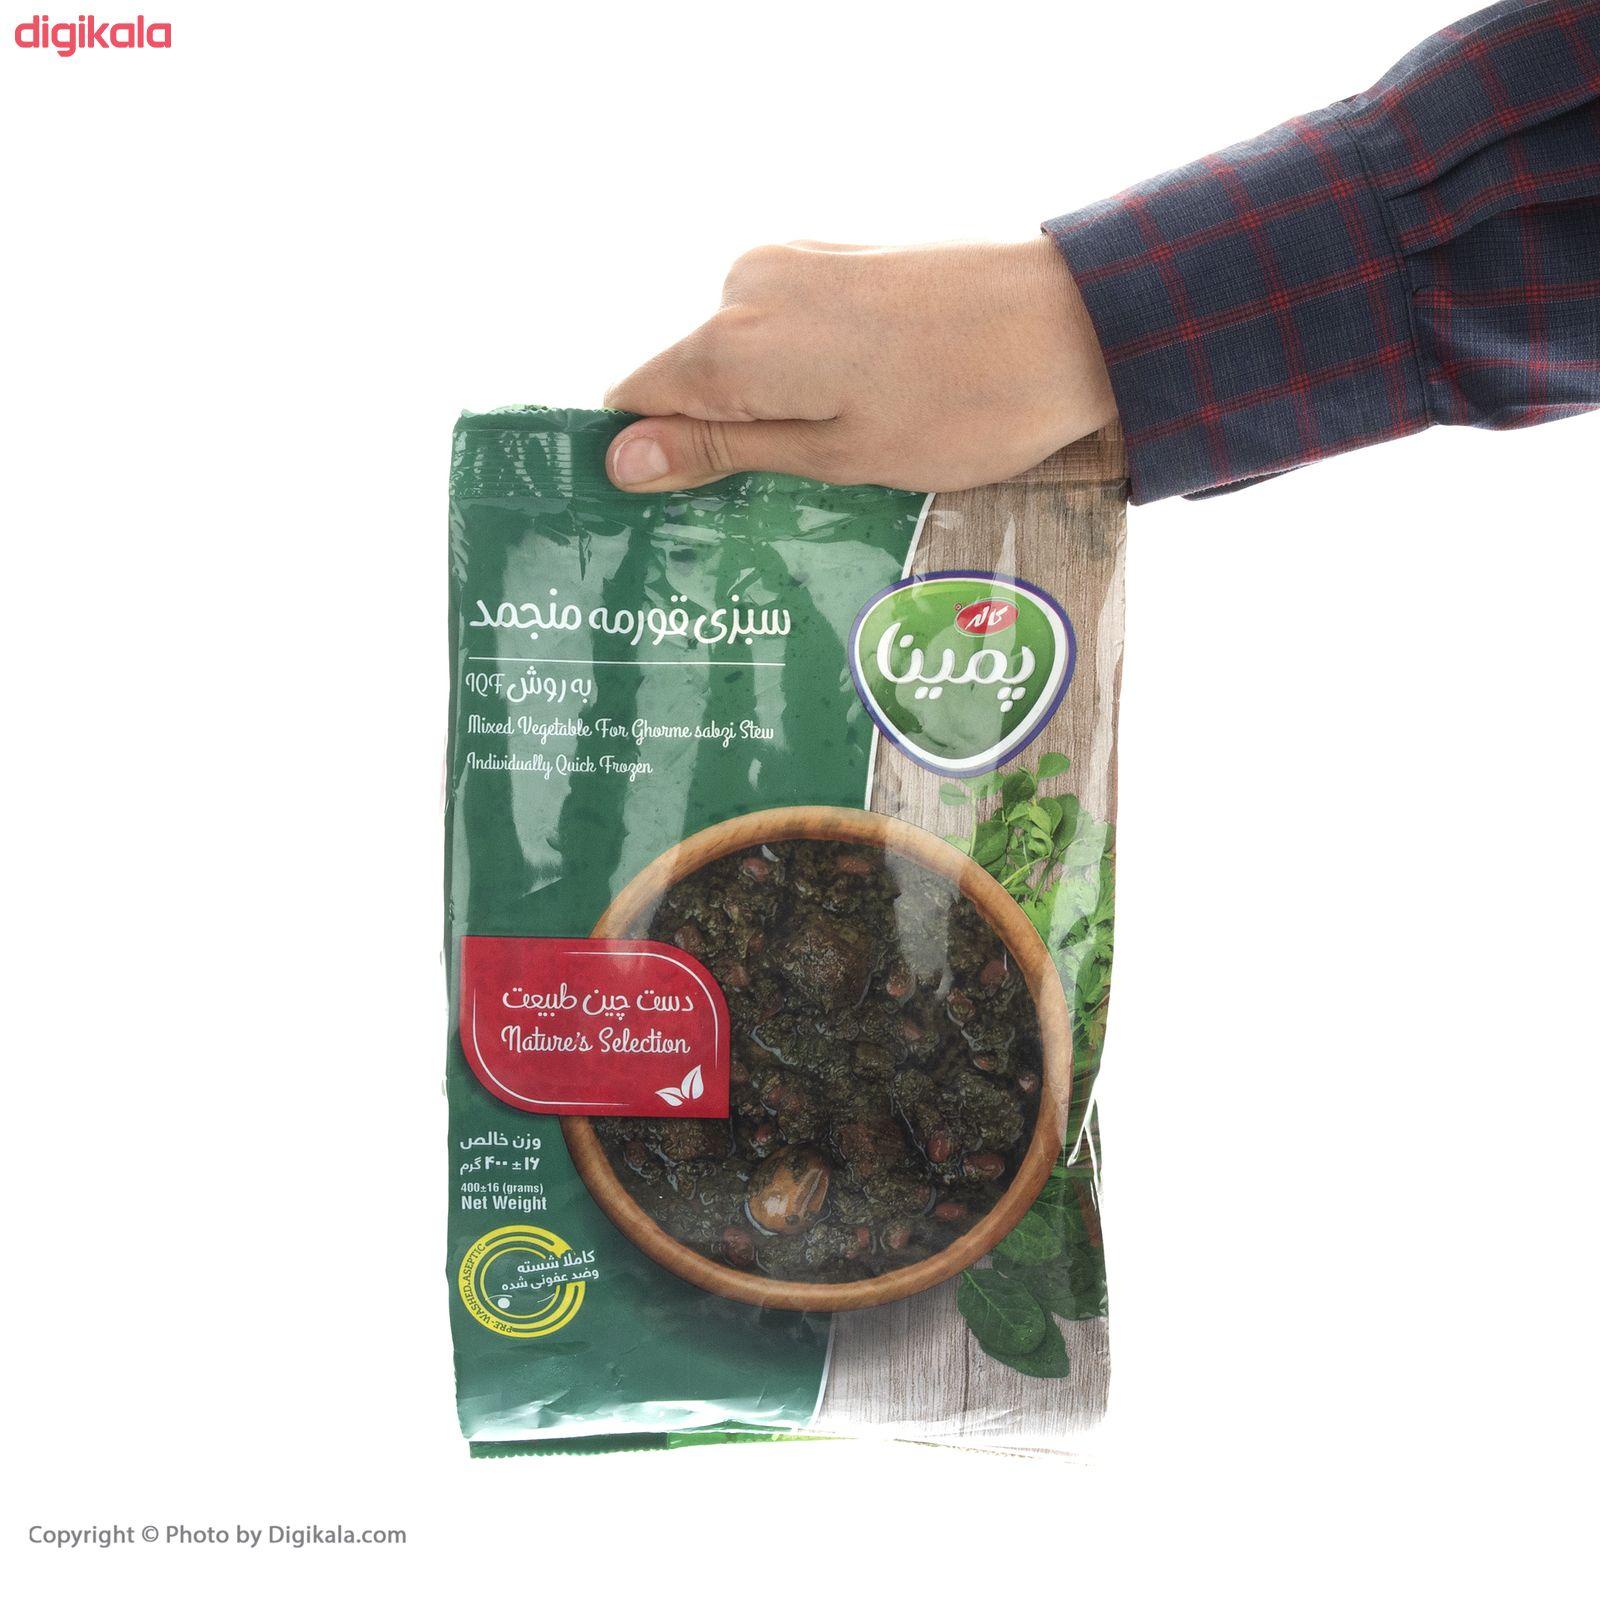 سبزی قورمه منجمد پمینا مقدار 400 گرم main 1 1